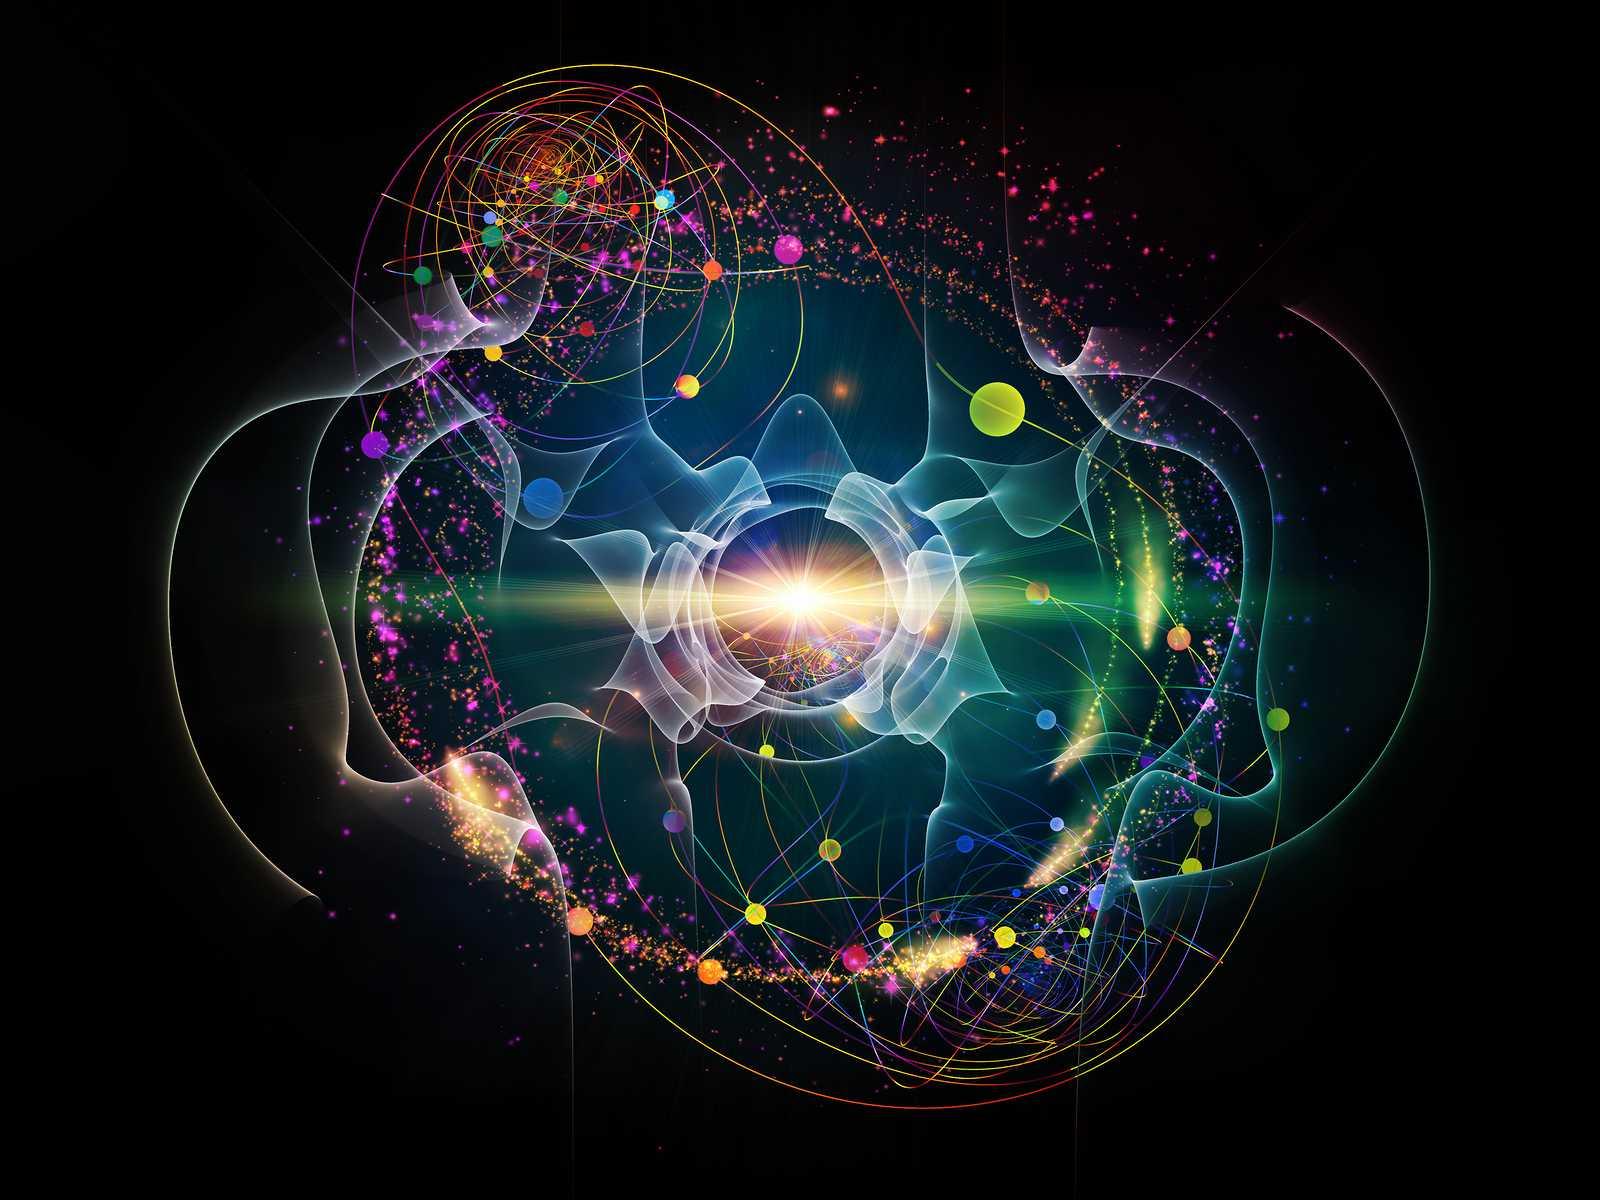 Like Neutrinos for Stem Cells